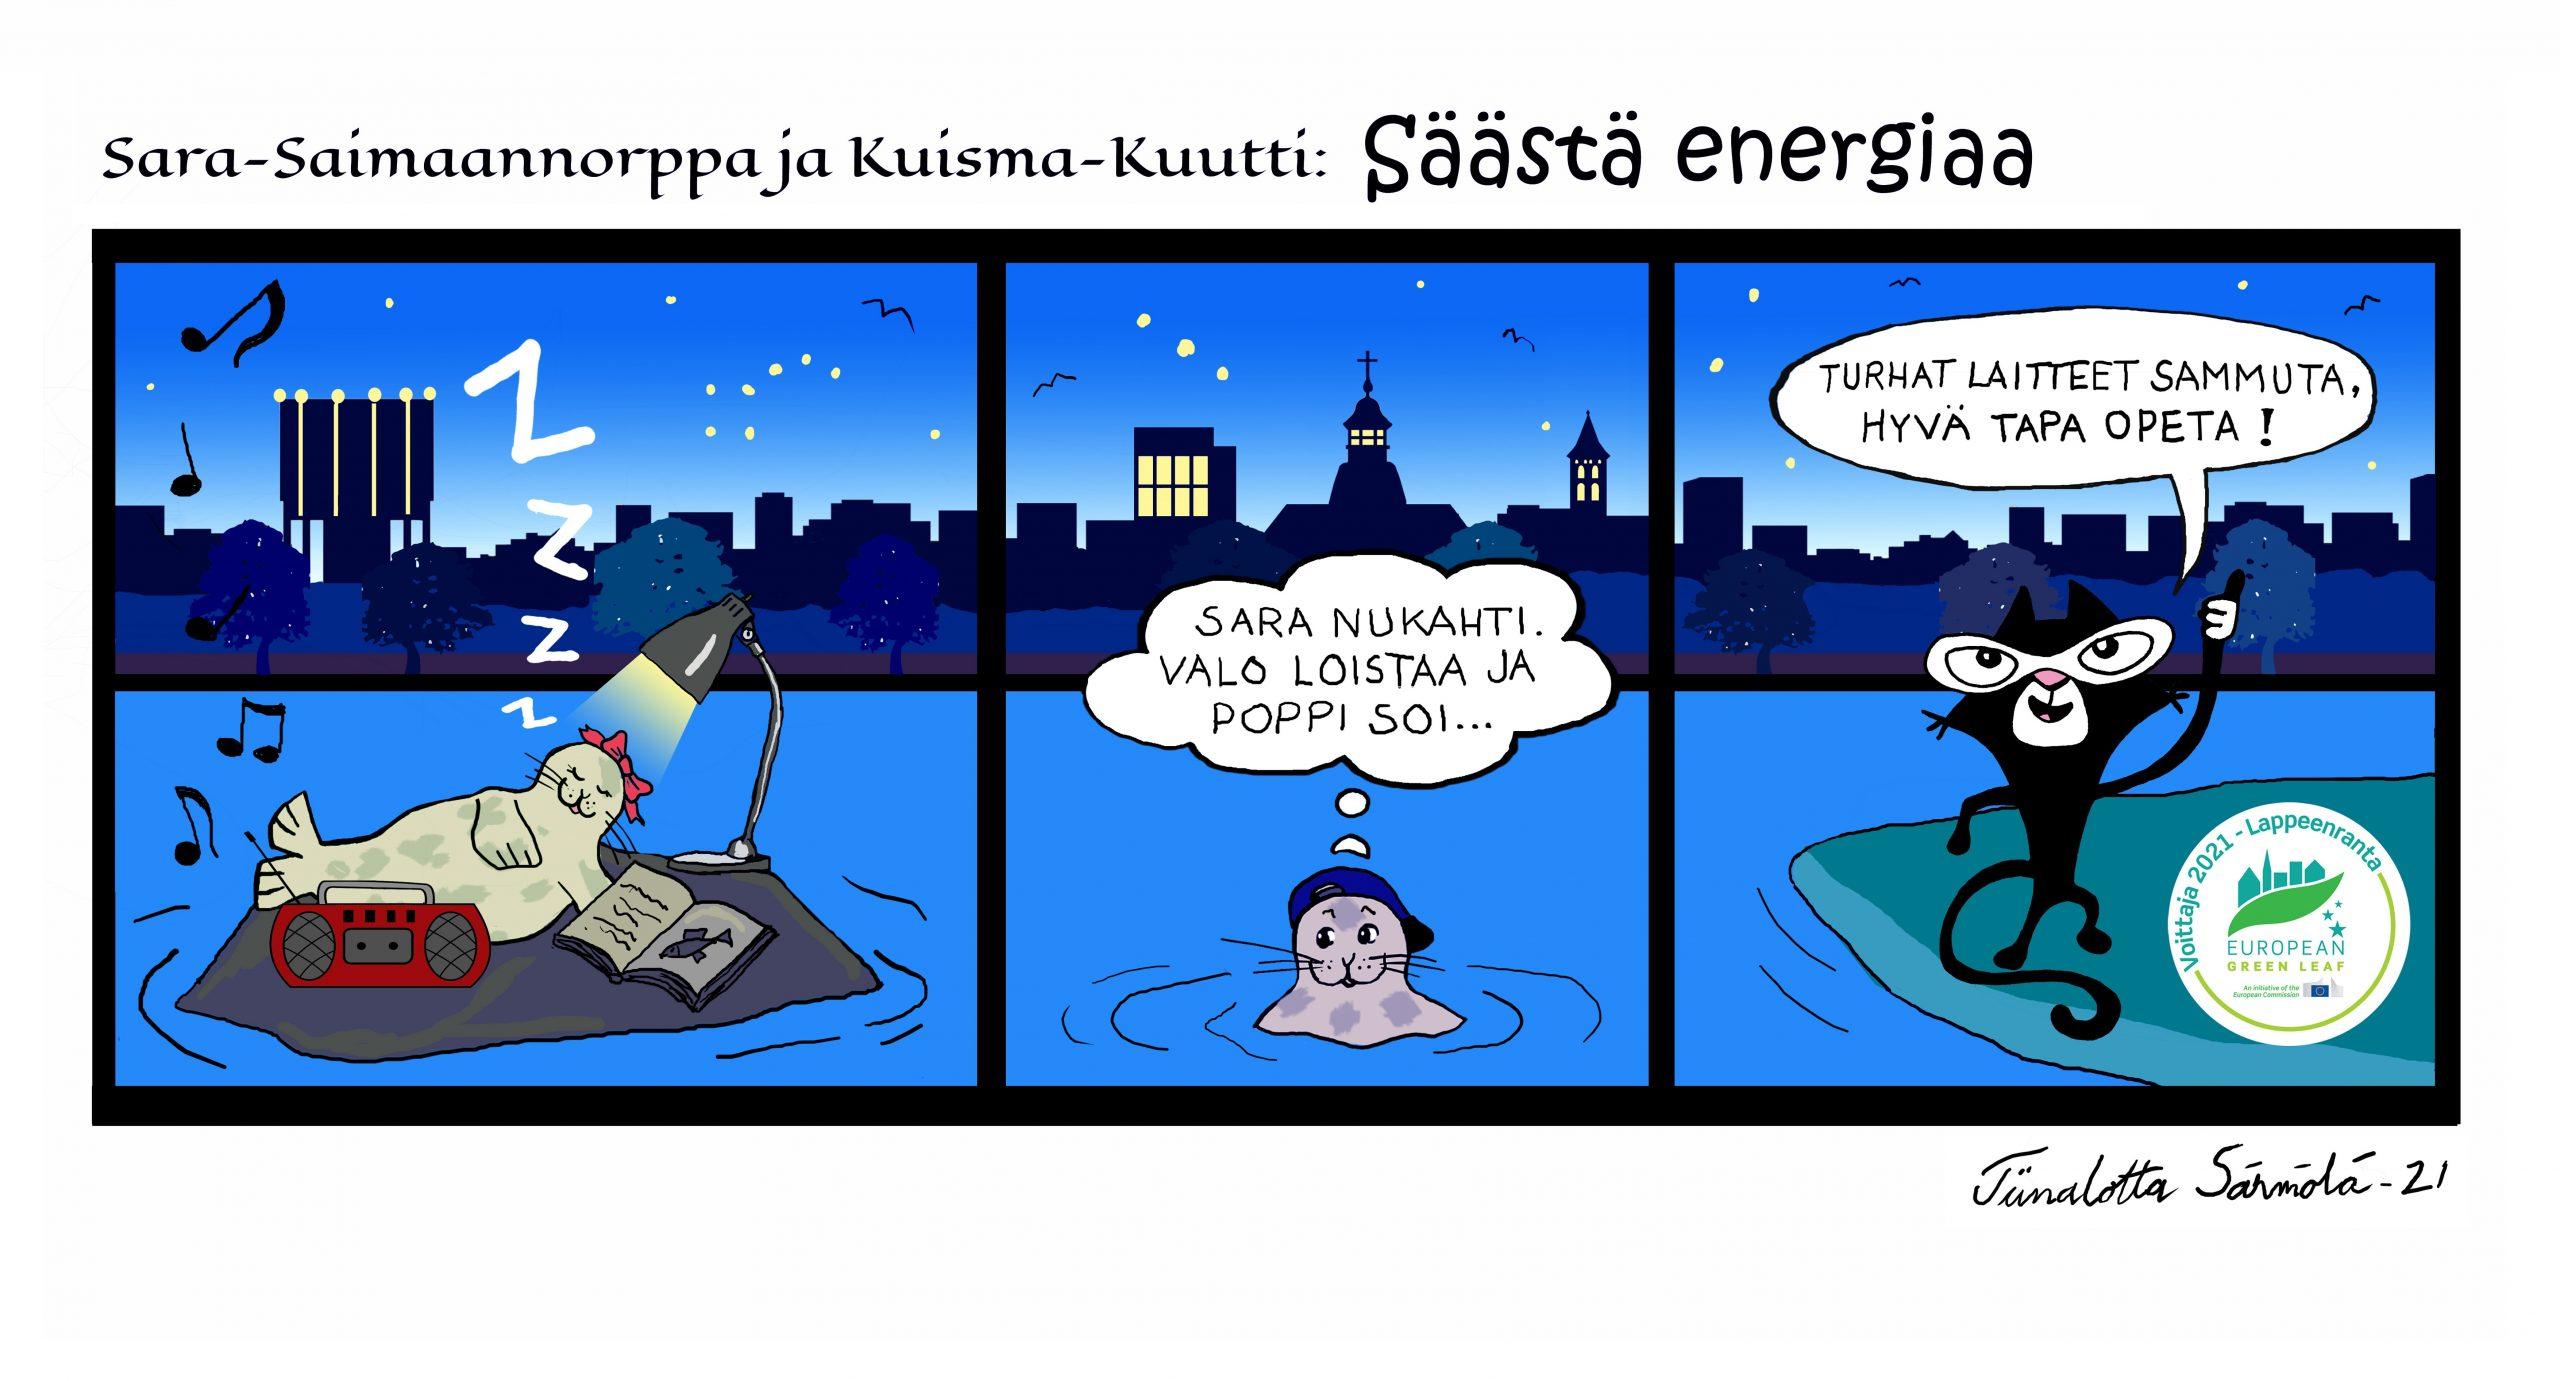 """Kolmen kuvaruudun Sarjakuvastrippi, jonka aiheena on ekologisuus. Sarjakuva on toteutettu Lappeenranta Green Leaf vuoden 2021 kunniaksi yhteistyössä kuvataiteilija Tiinalotta Särmölän ja Etelä-Karjalan lastenkulttuurikeskus Metkun kanssa. On yö. Taivas on tummansininen ja tähtiä täynnä. Lappeenrannan kaupungin siluetti vesitorneineen ja kellotapuleineen siintää horisontissa. Taivaalta voi erottaa Otavan ja Orionin tähtikuviot. Sara-Saimaannorppa on nukahtanut lepokivelleen kalakirjansa ja radionsa viereen. Kuisma-Kuutti katsoo ihmeissään Saraa ja toteaa: """"Sara nukahti. Valo loistaa ja poppi soi."""" Metku-Kissakin saapuu paikalle ja neuvoo kuinka energiaa säästetään. Hän sanoo: """"Turhat laitteet sammuta, hyvä tapa opeta."""""""